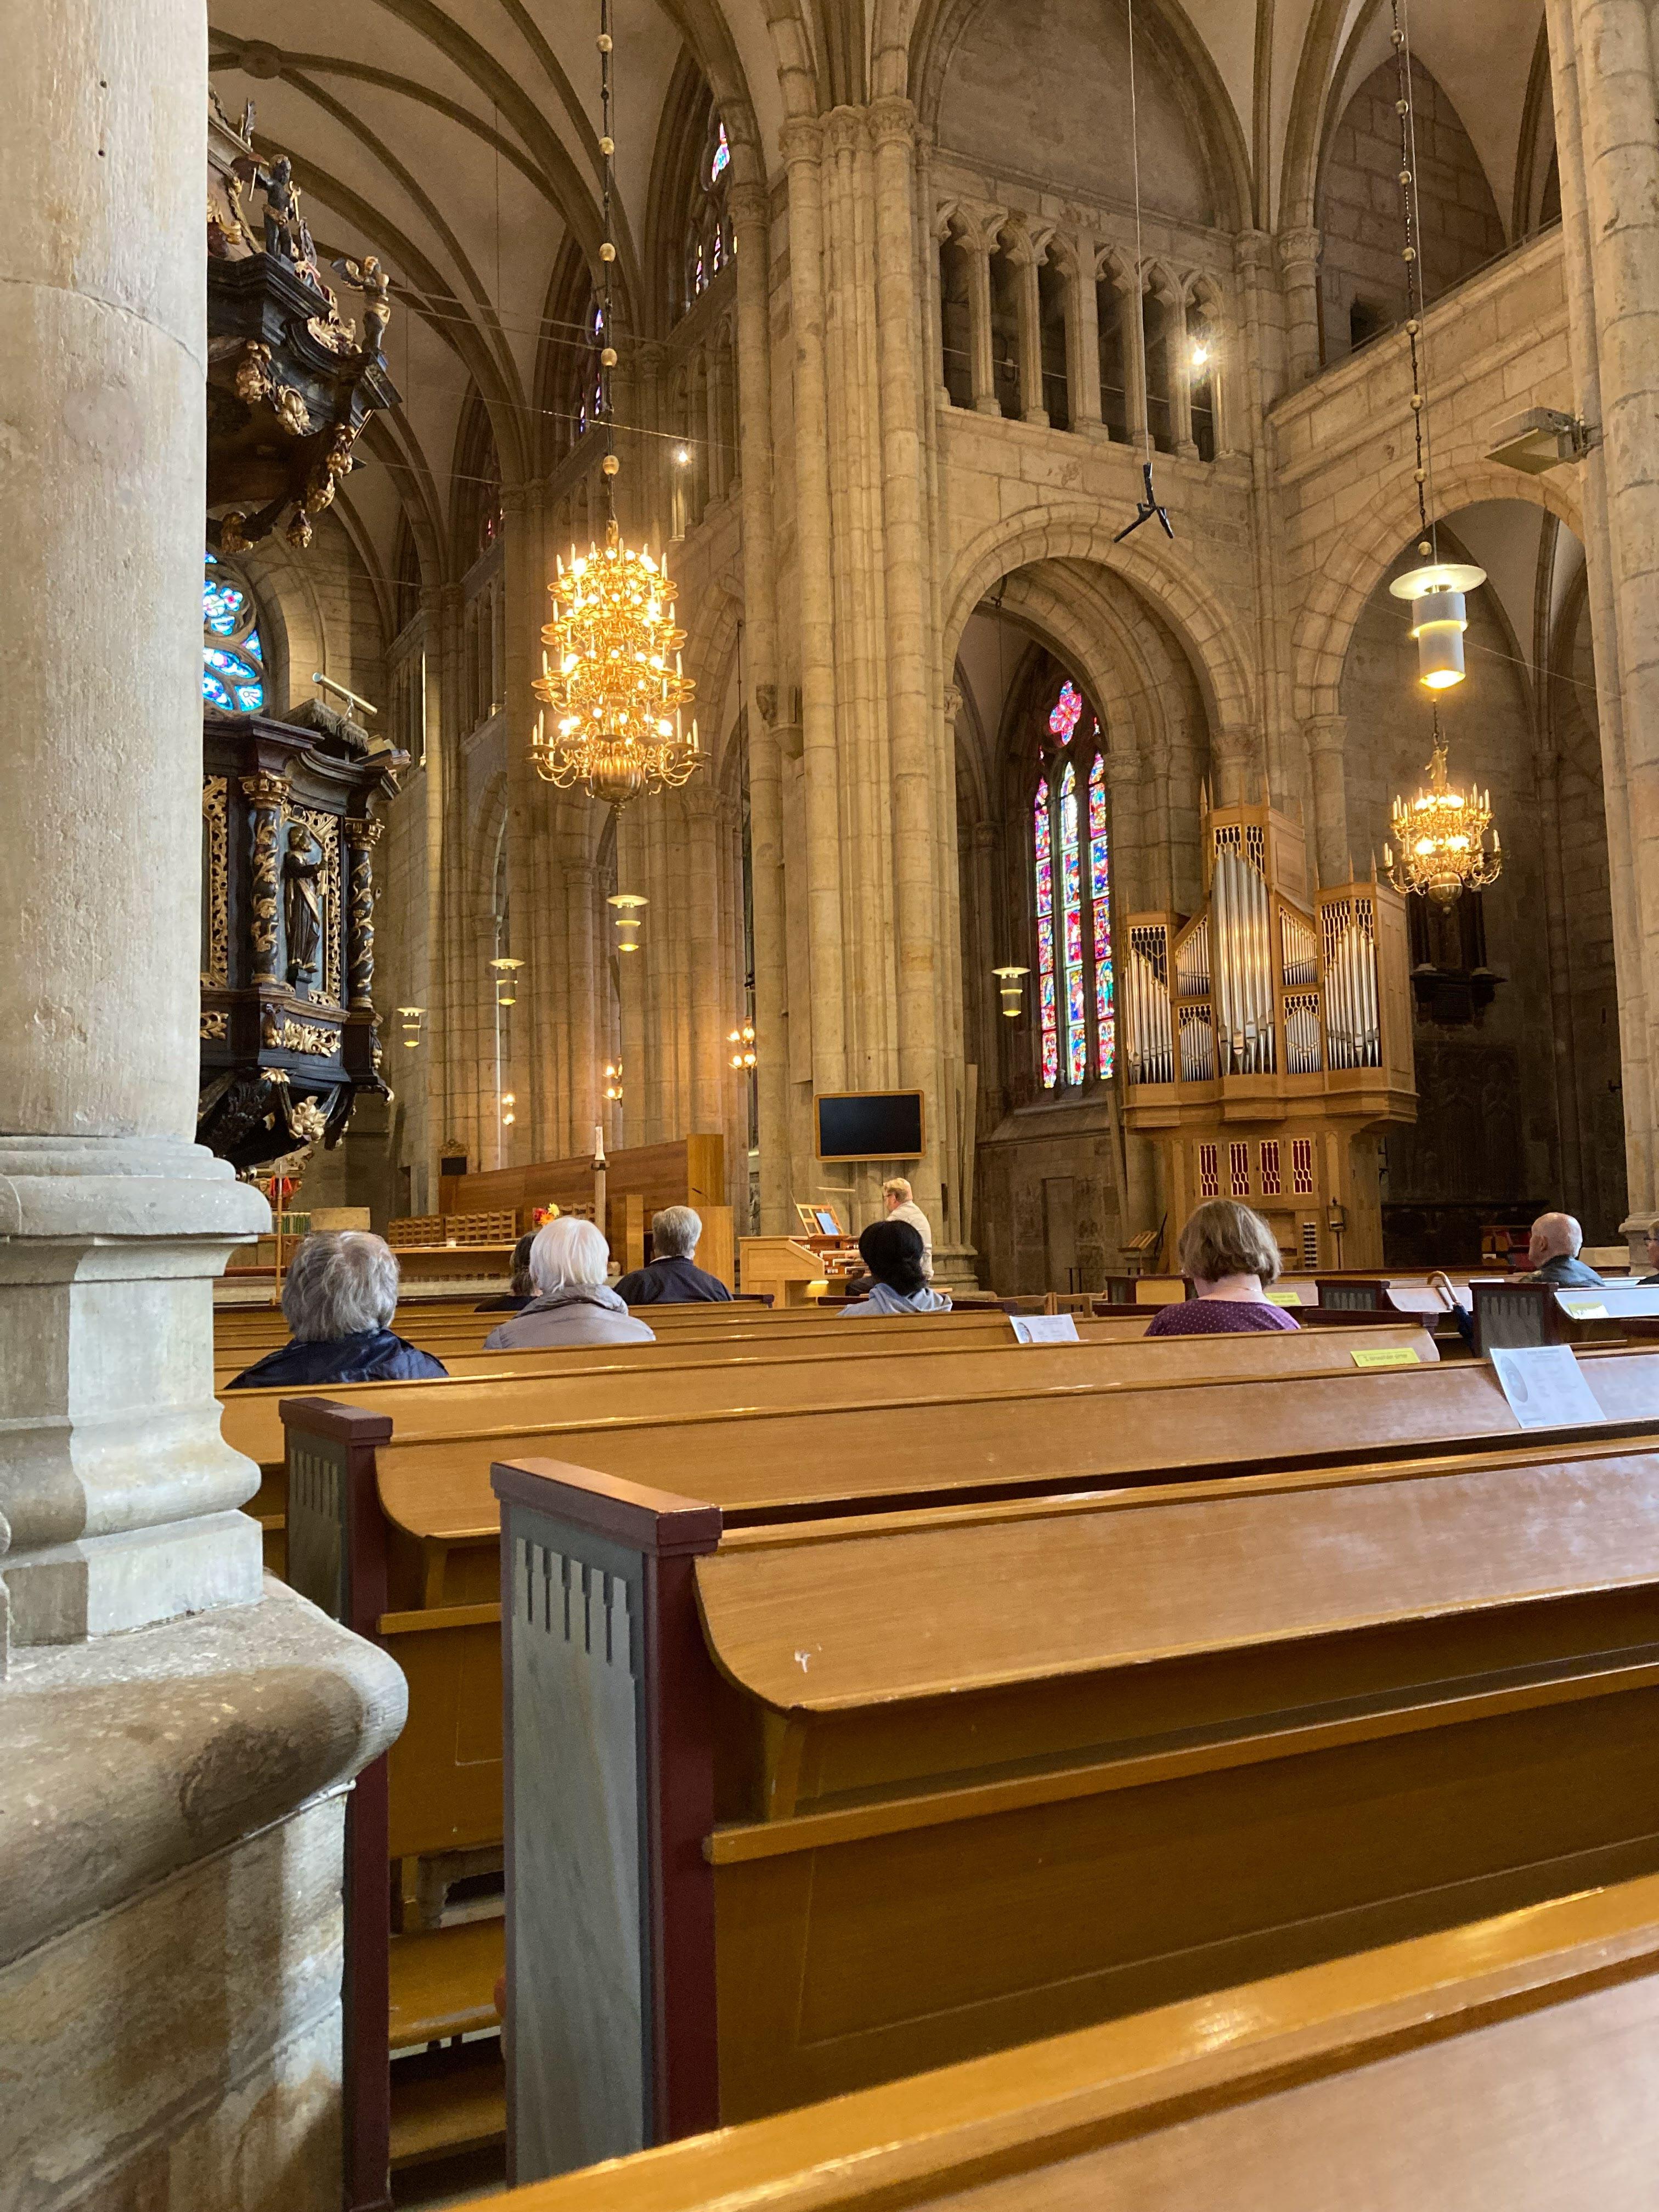 Vid vårt besök i kyrkan fick vi uppleva en kort orgelkonsert